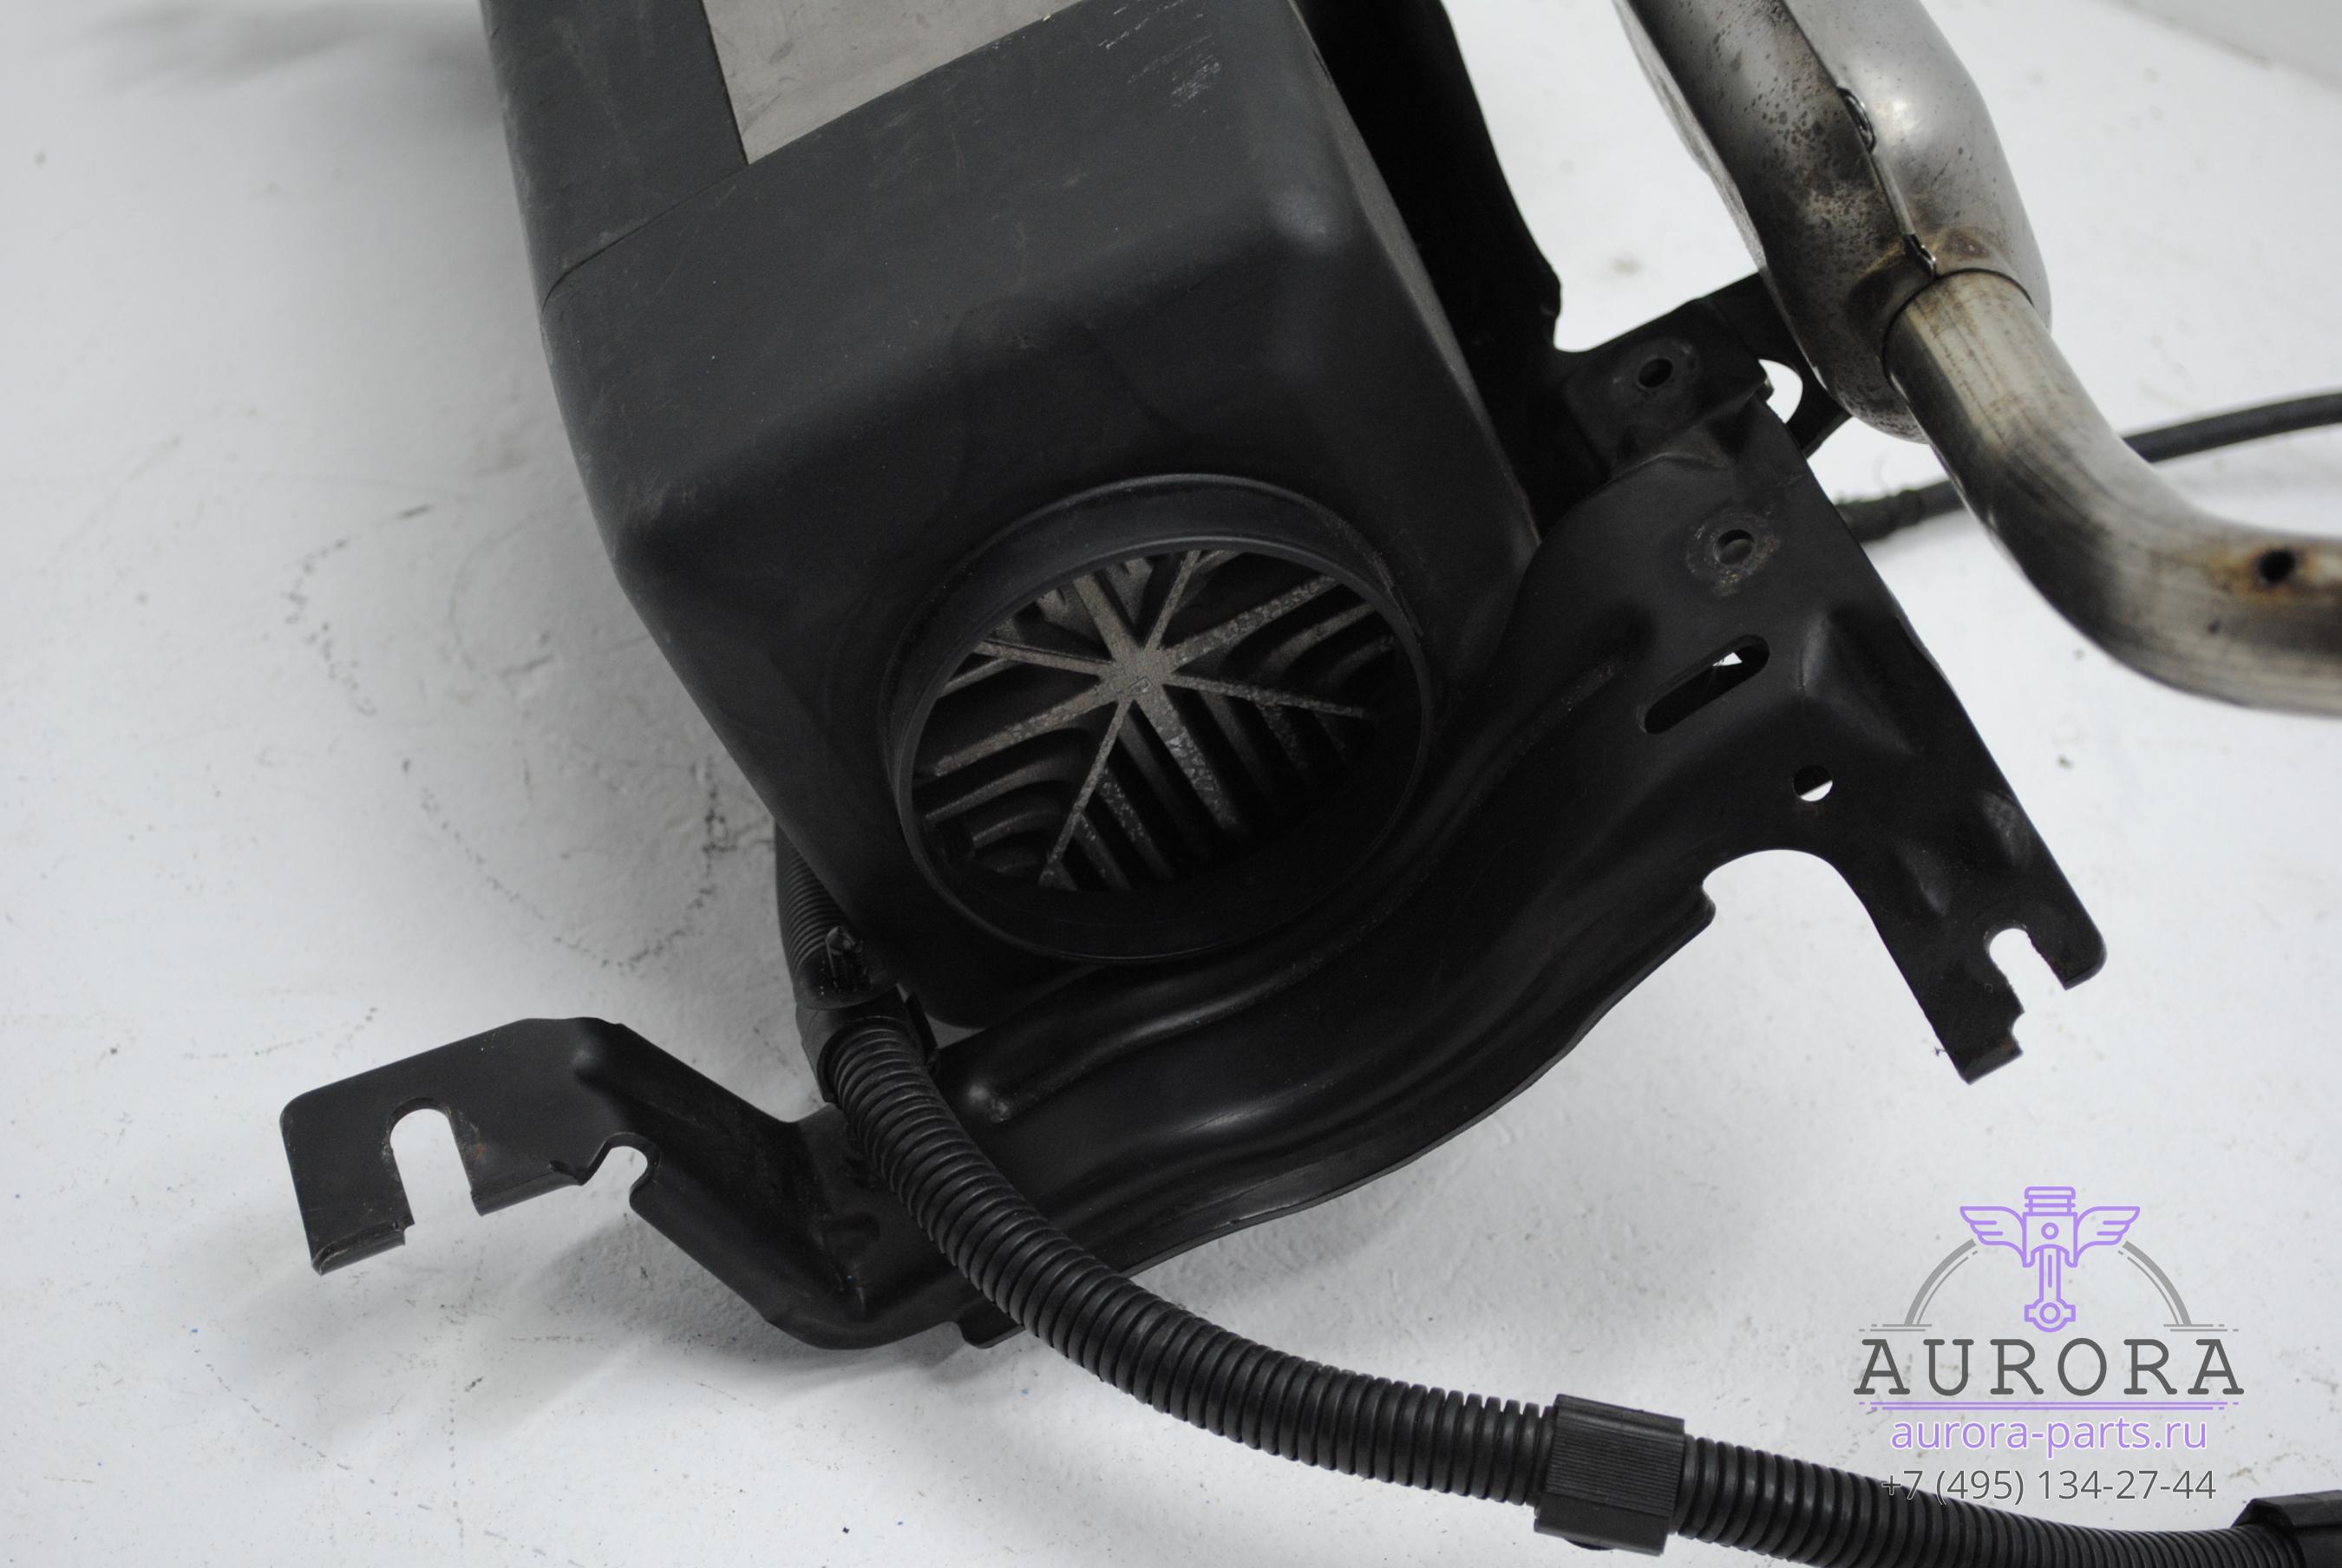 Автономка на транспортер т5 оборудование для сварки конвейерной ленты